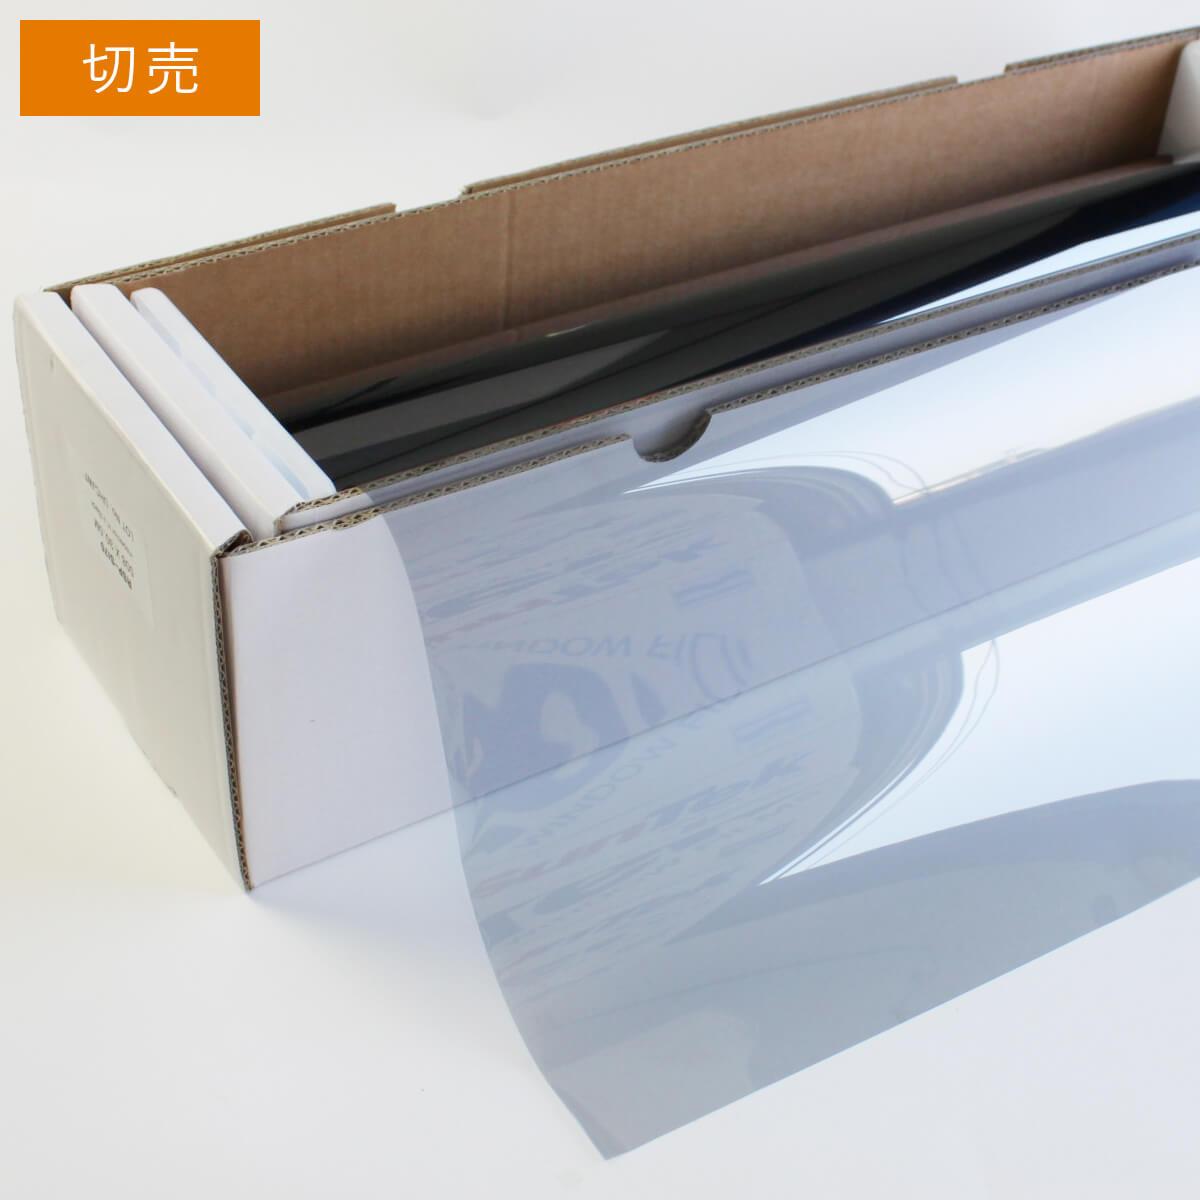 カーフィルム 窓ガラスフィルムスパッタシルバー70 1m幅×長さ1m単位切売 遮熱フィルム 断熱フィルム UVカットフィルム ブレインテック Braintec